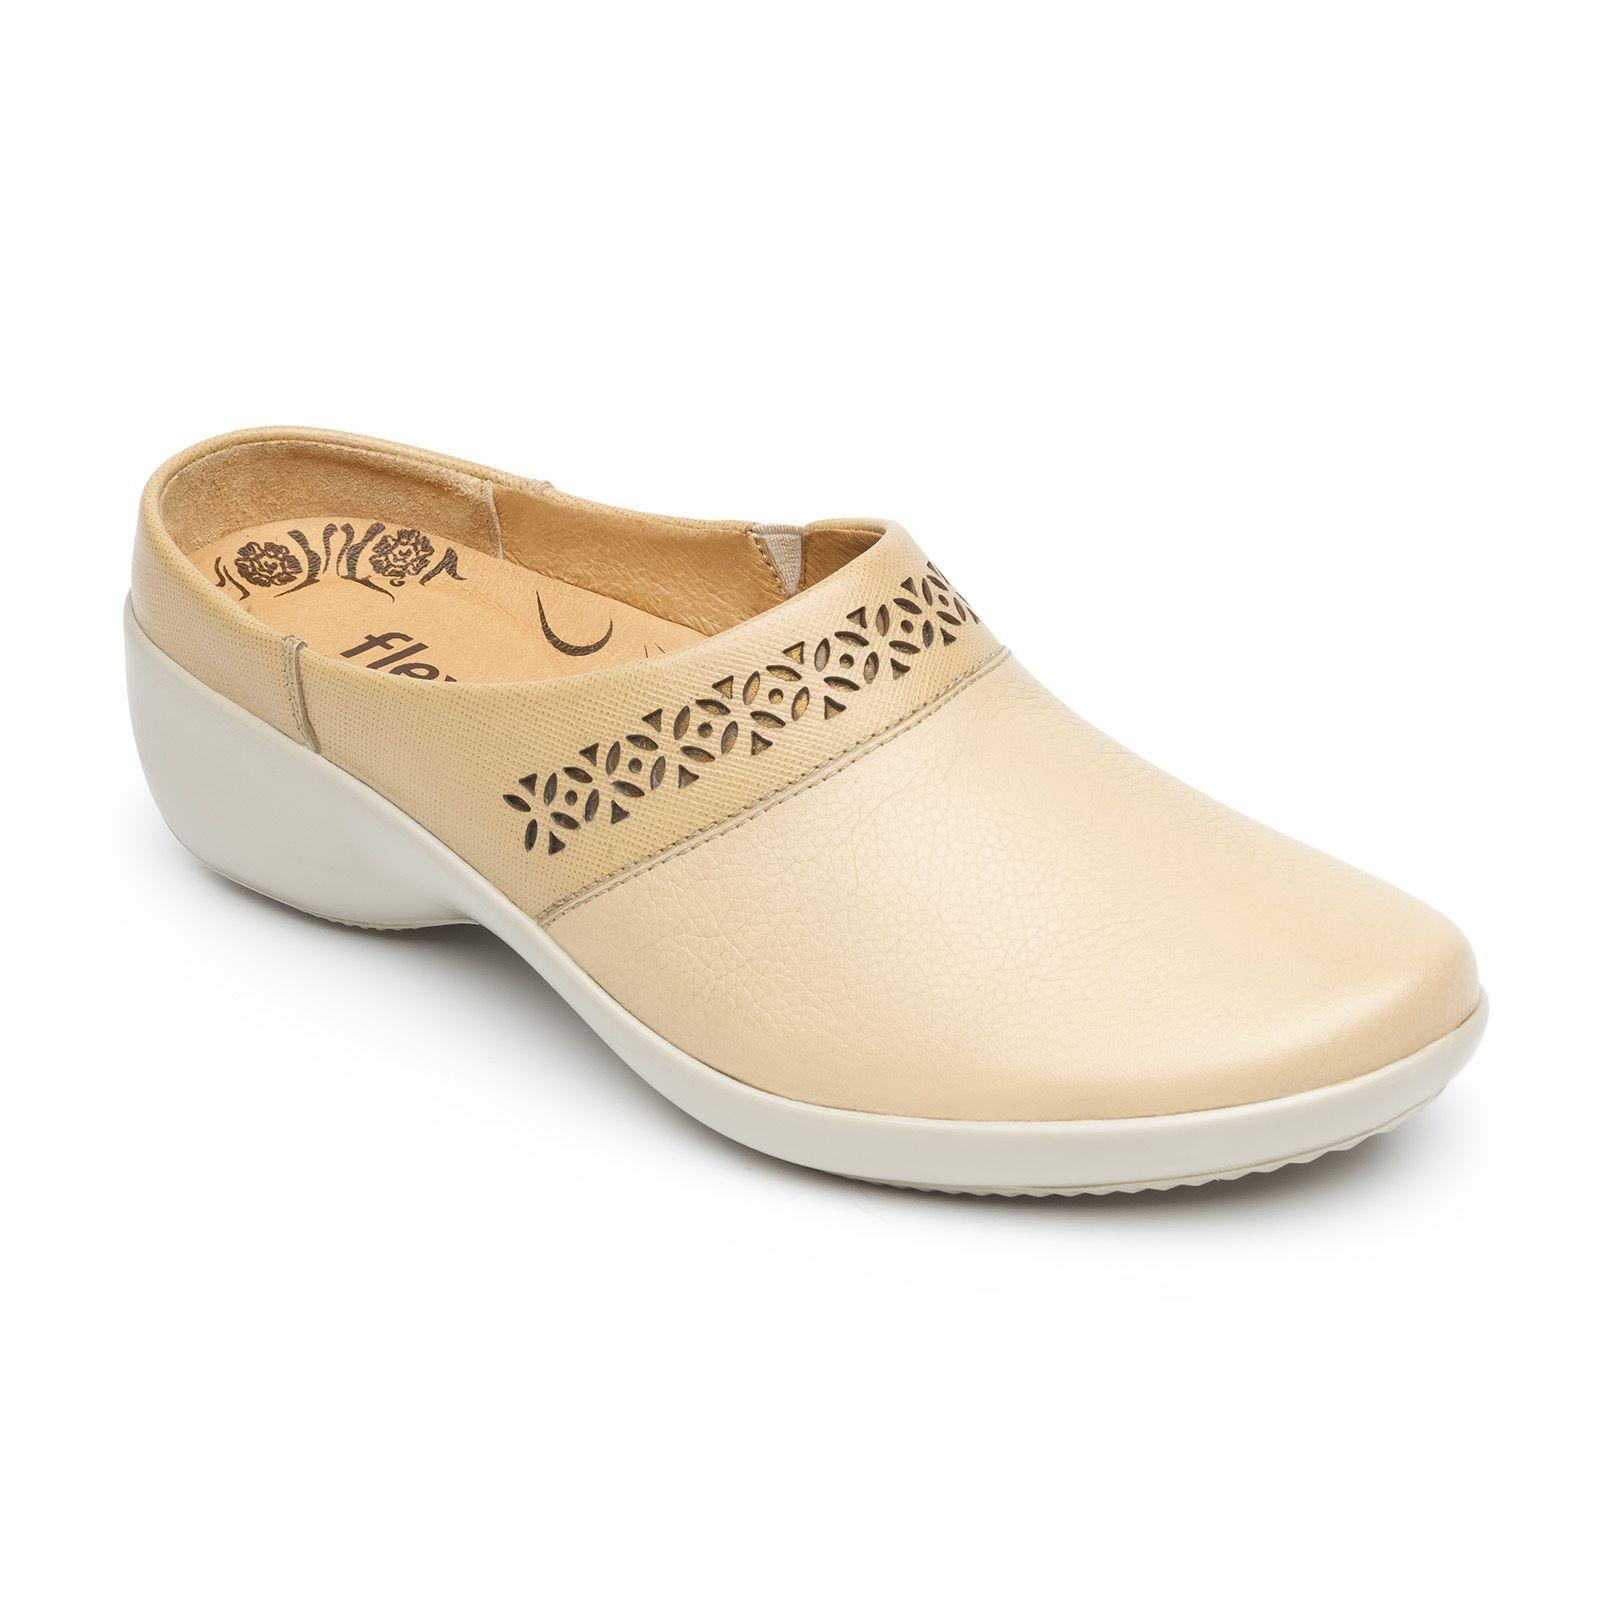 Zapato de marfil de lona de ne¨?n Sea-Sider para mujer L2vtT